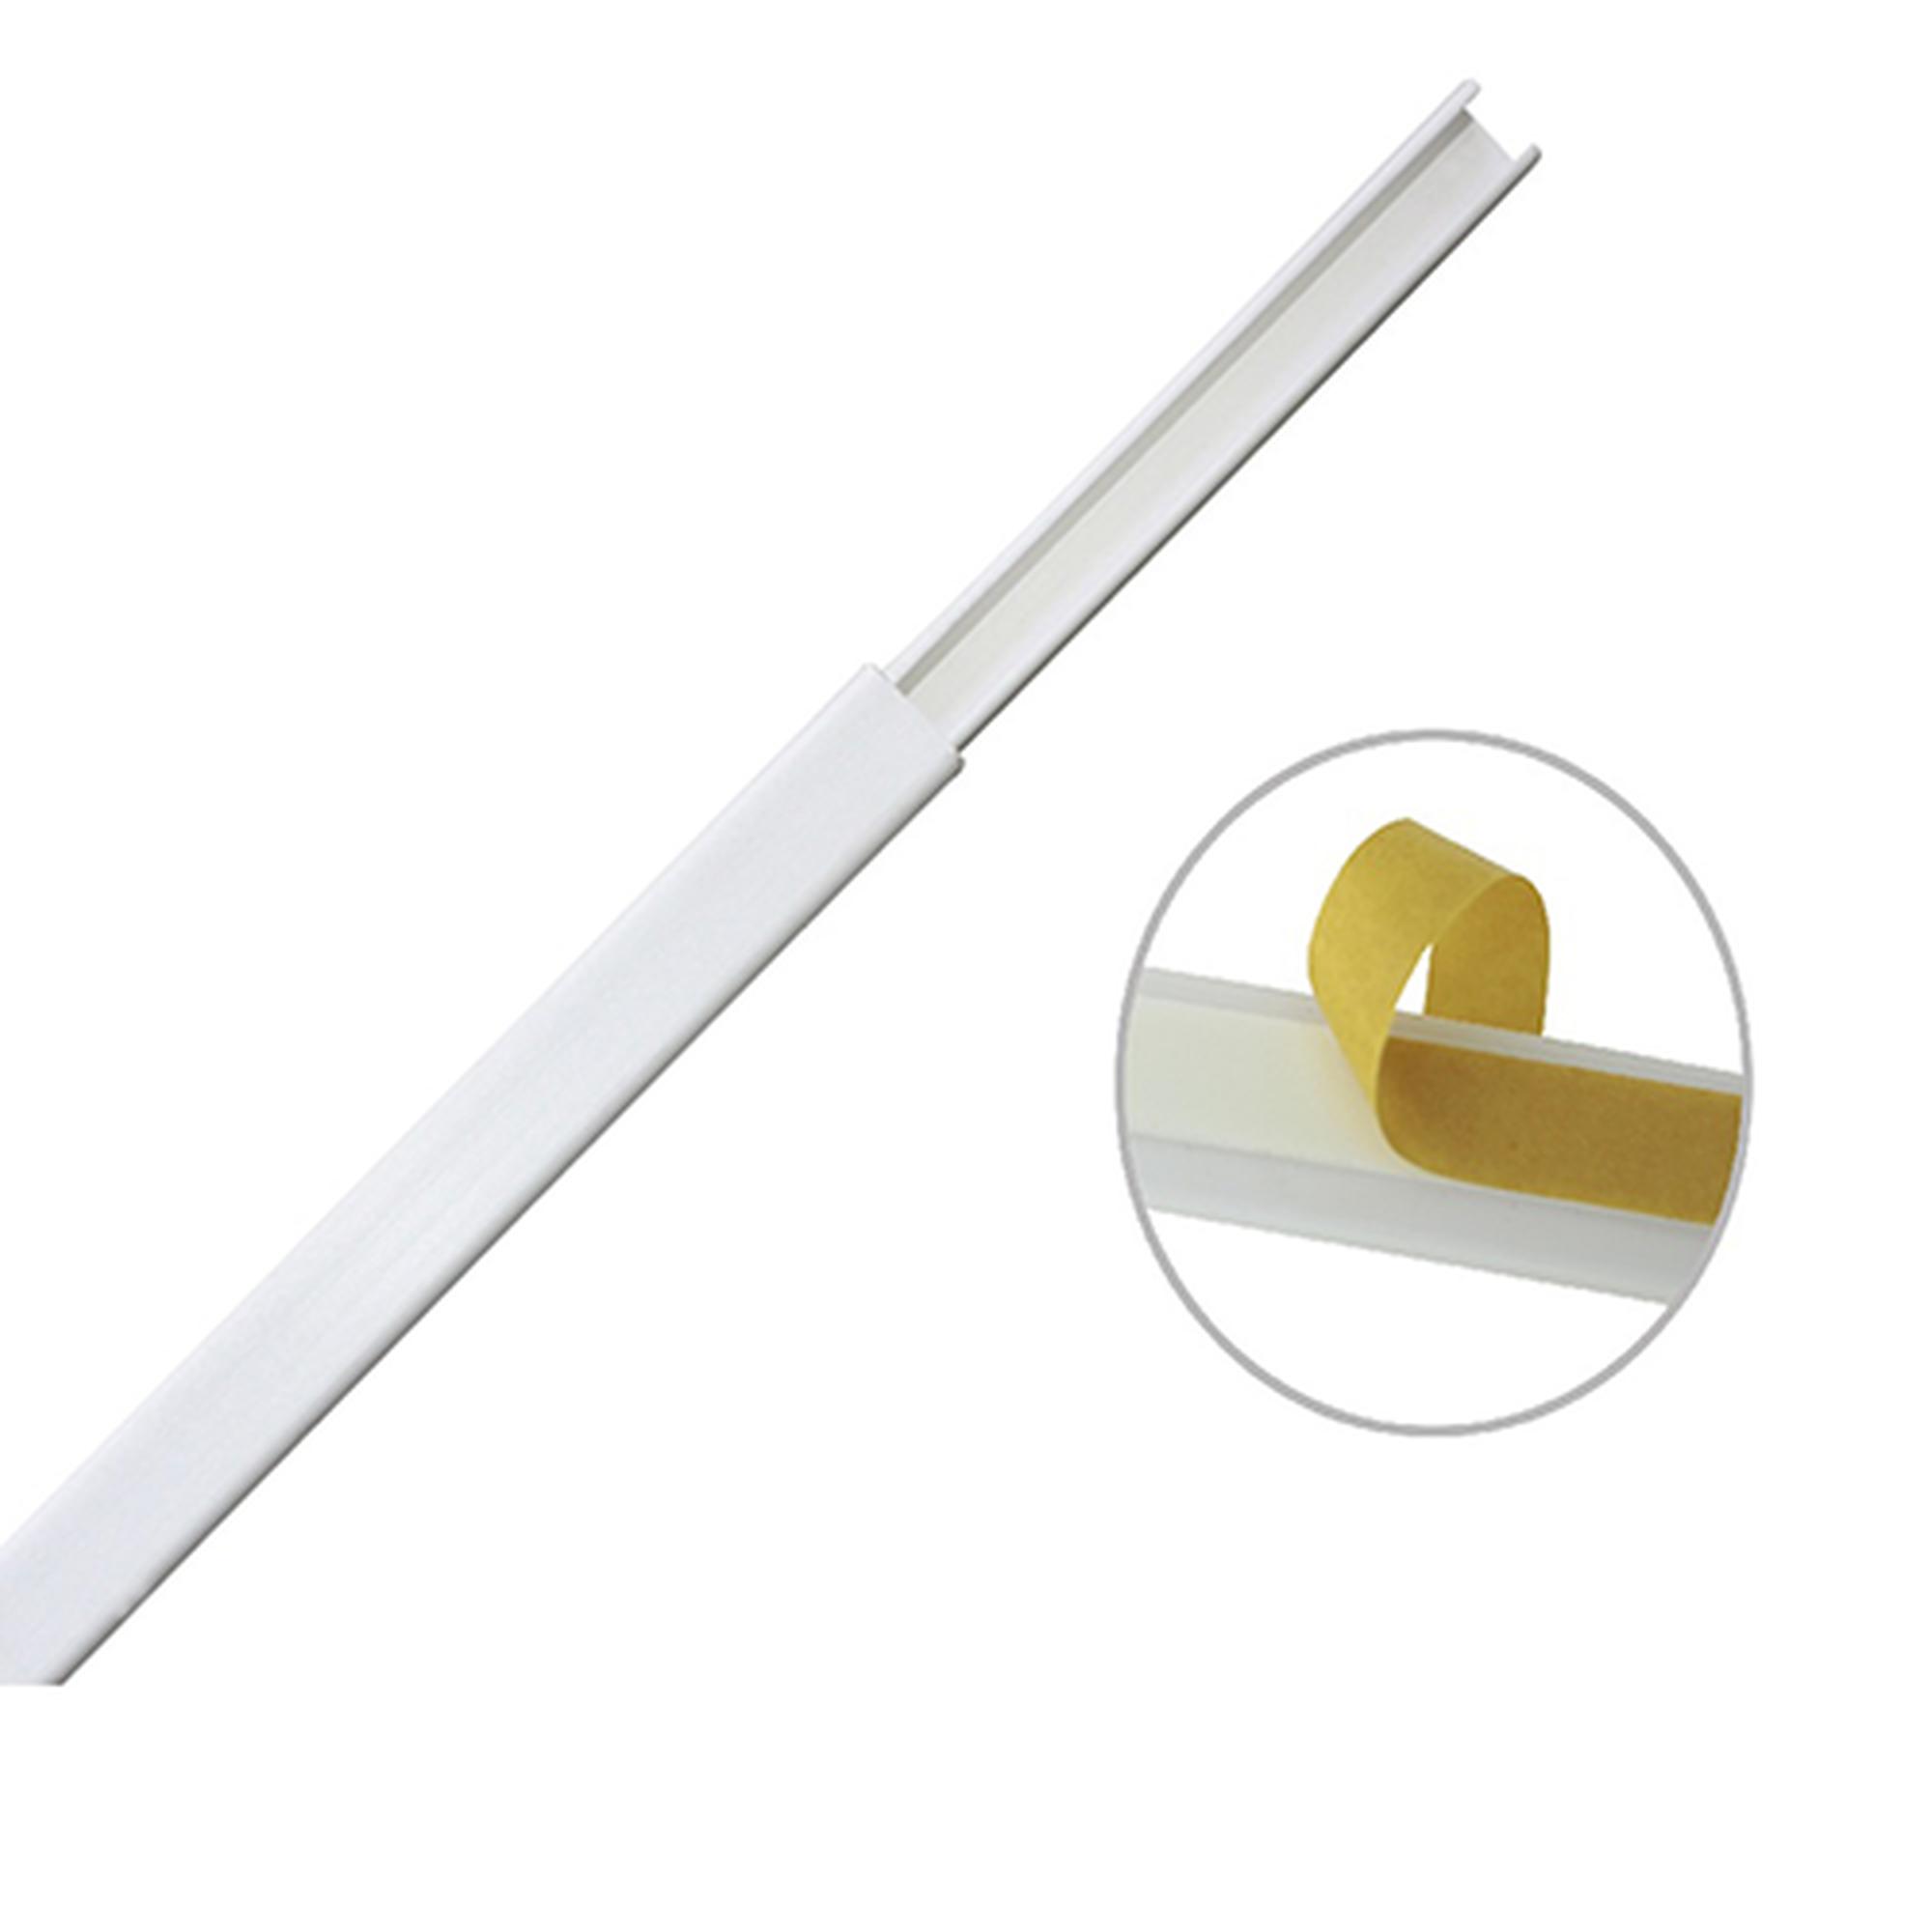 Canaleta color blanco de PVC auto extinguible, de una vía, 12 x 8 mm tramo de 6 pies con cinta adhesiva (5000-21252)